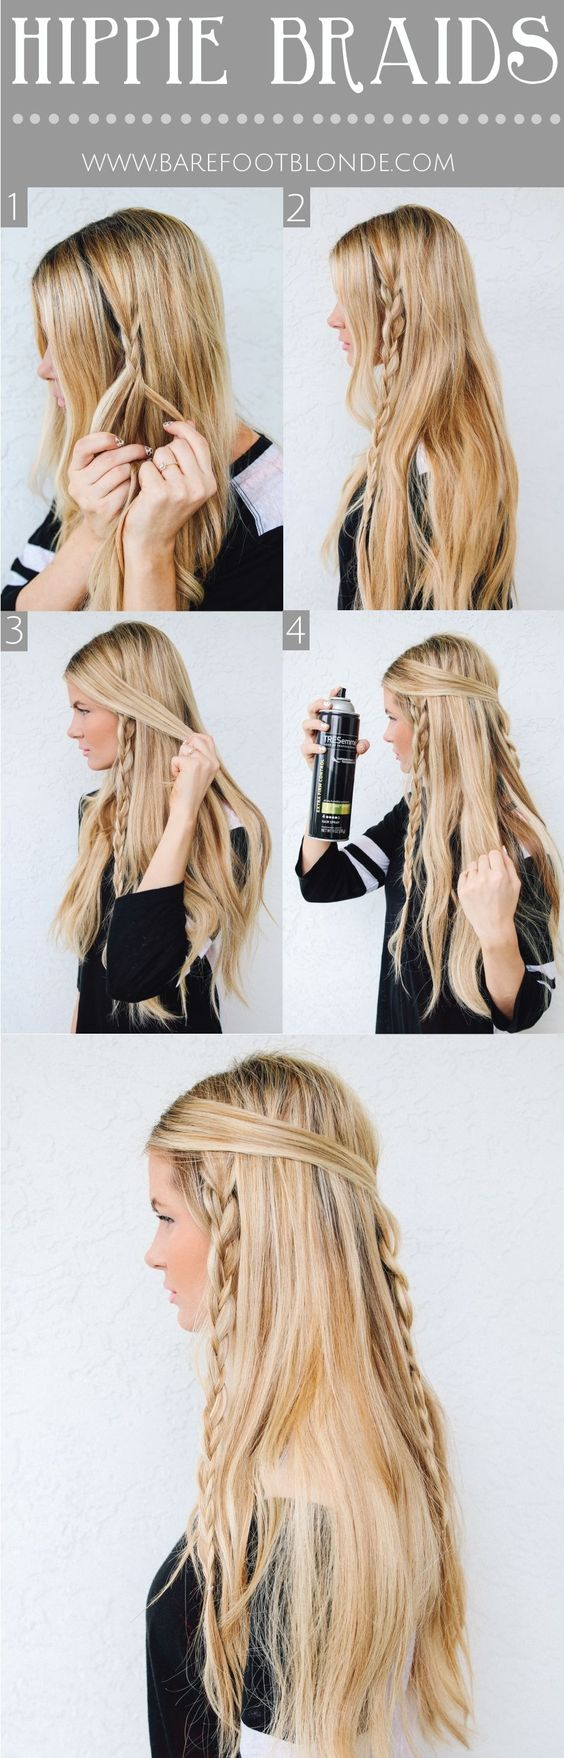 Hippie braids: